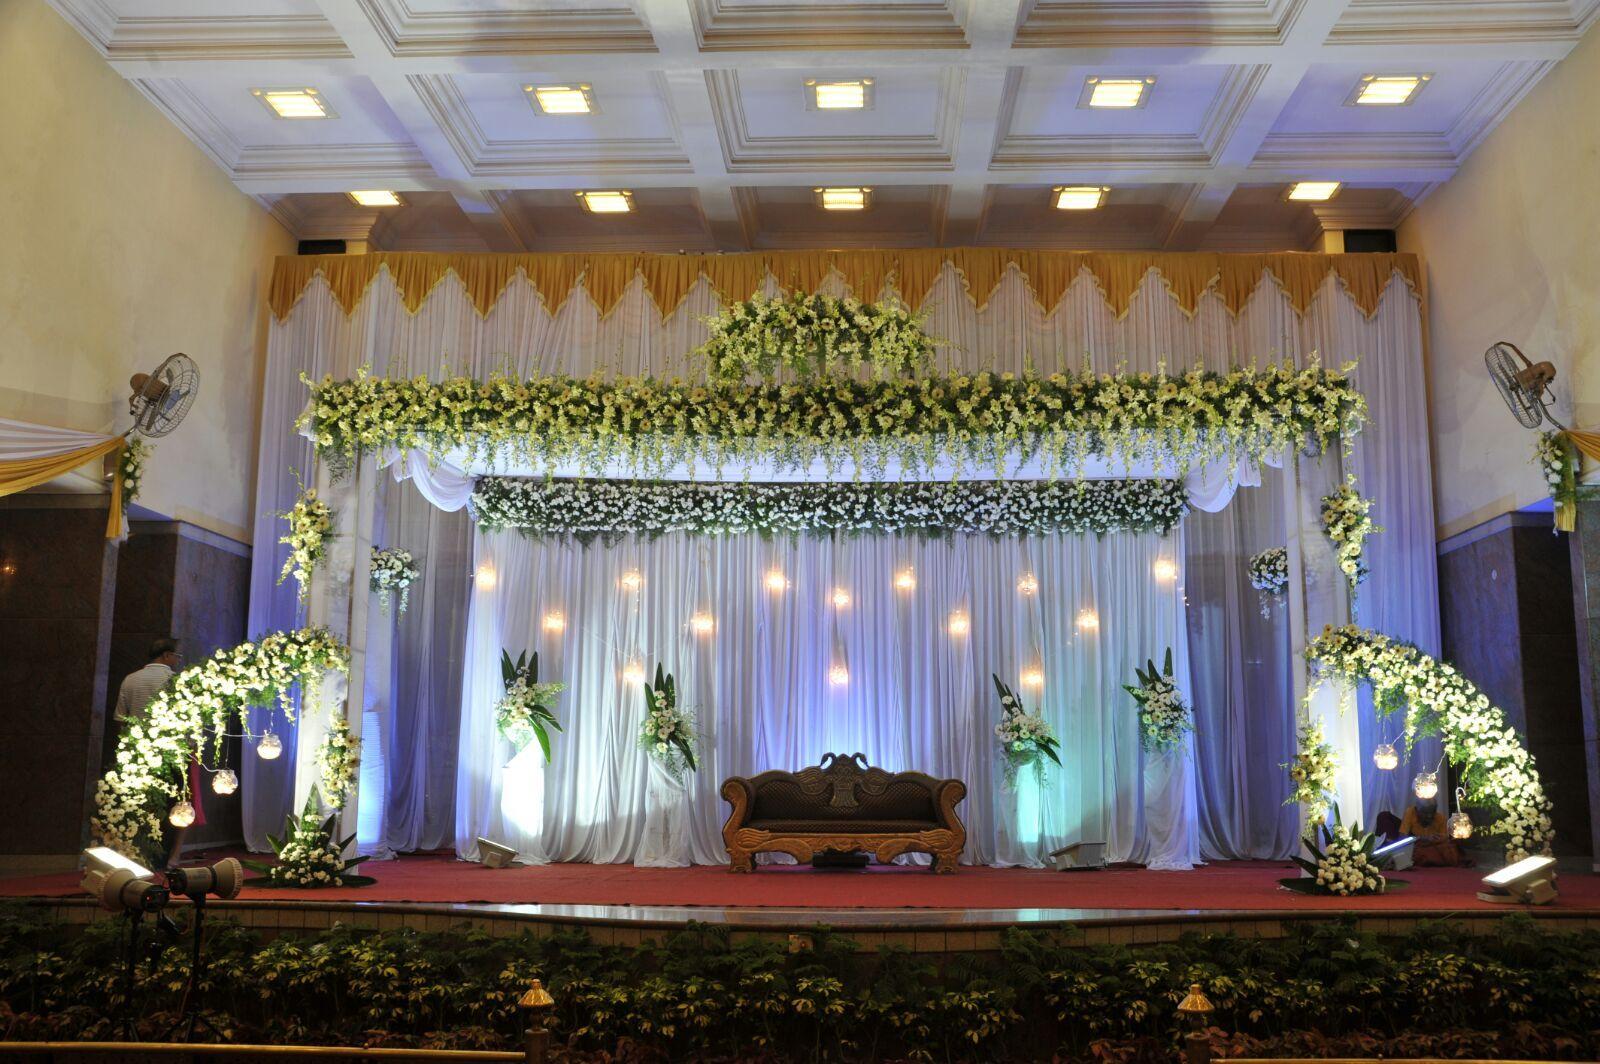 Amulya Reception Wedding Stage Decorations Wedding Hall